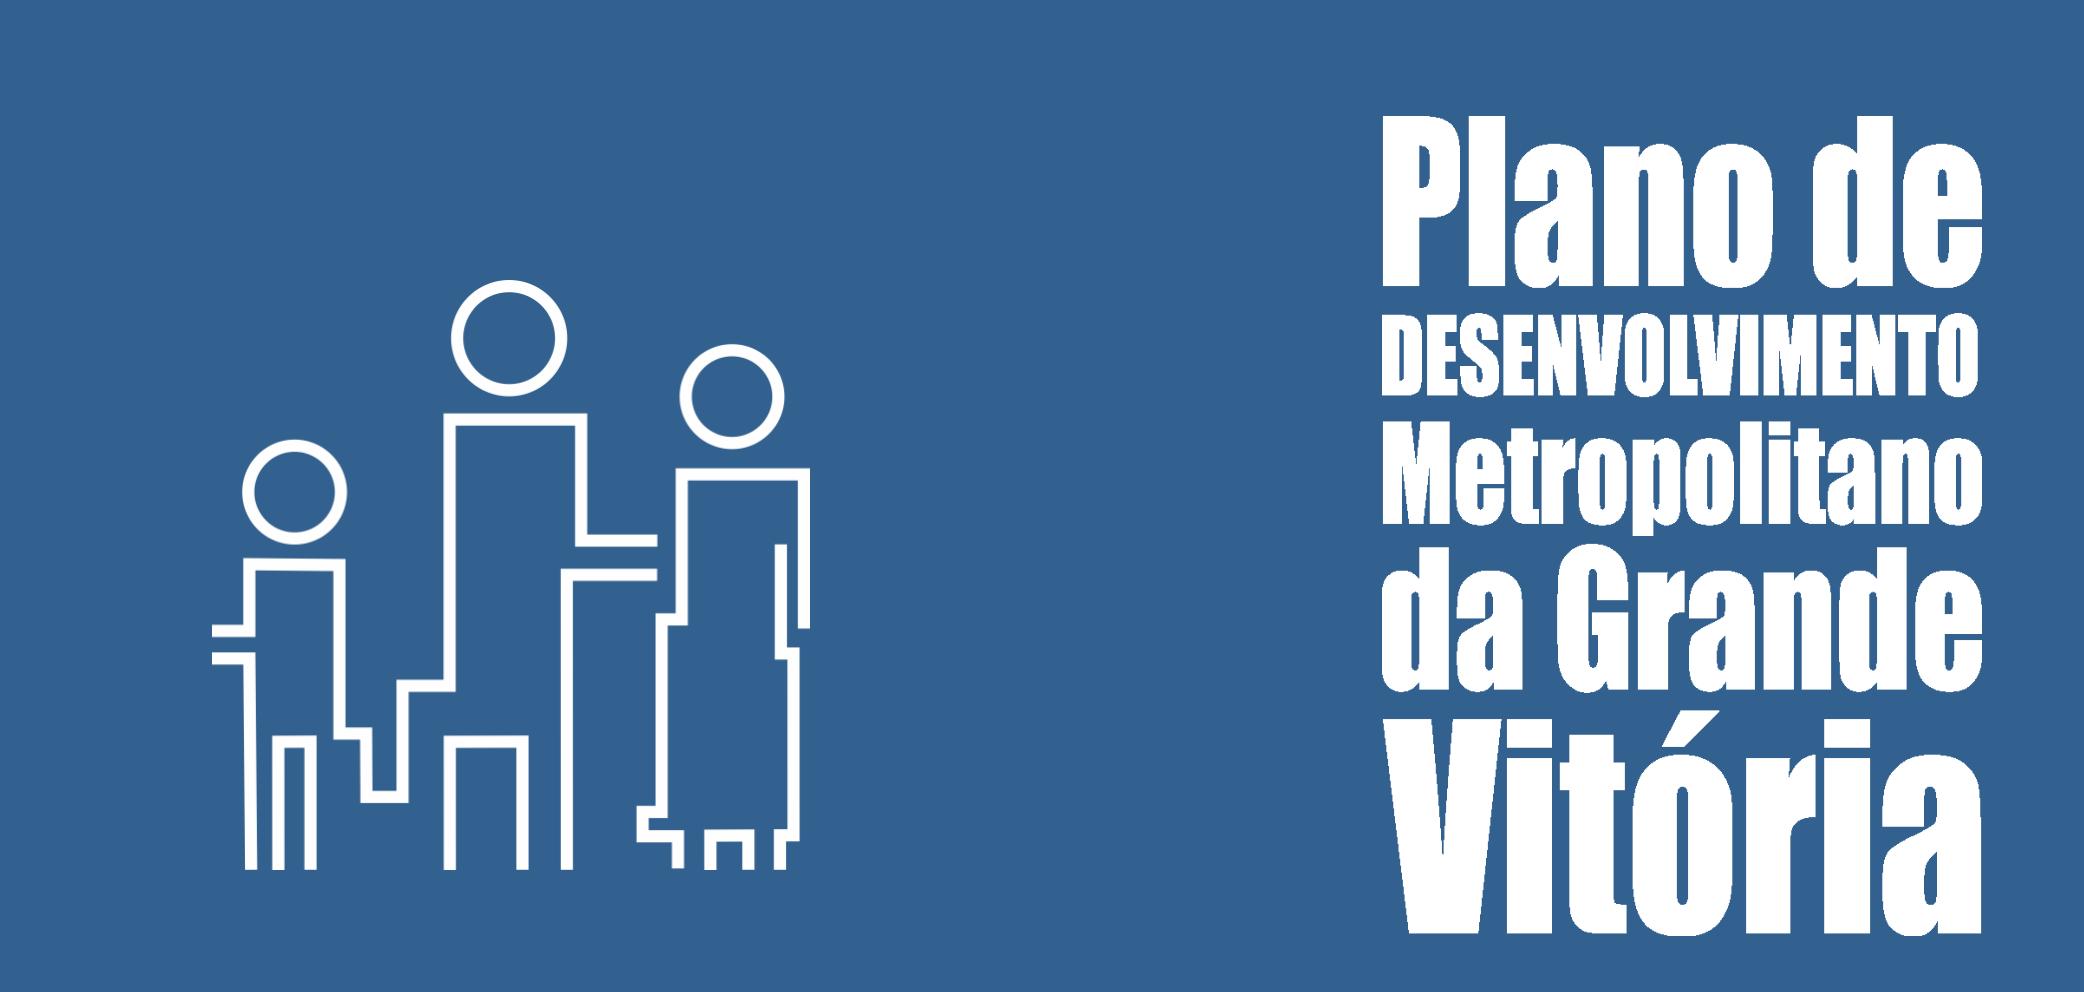 Observatório colabora com o PDUI da RM de Vitória